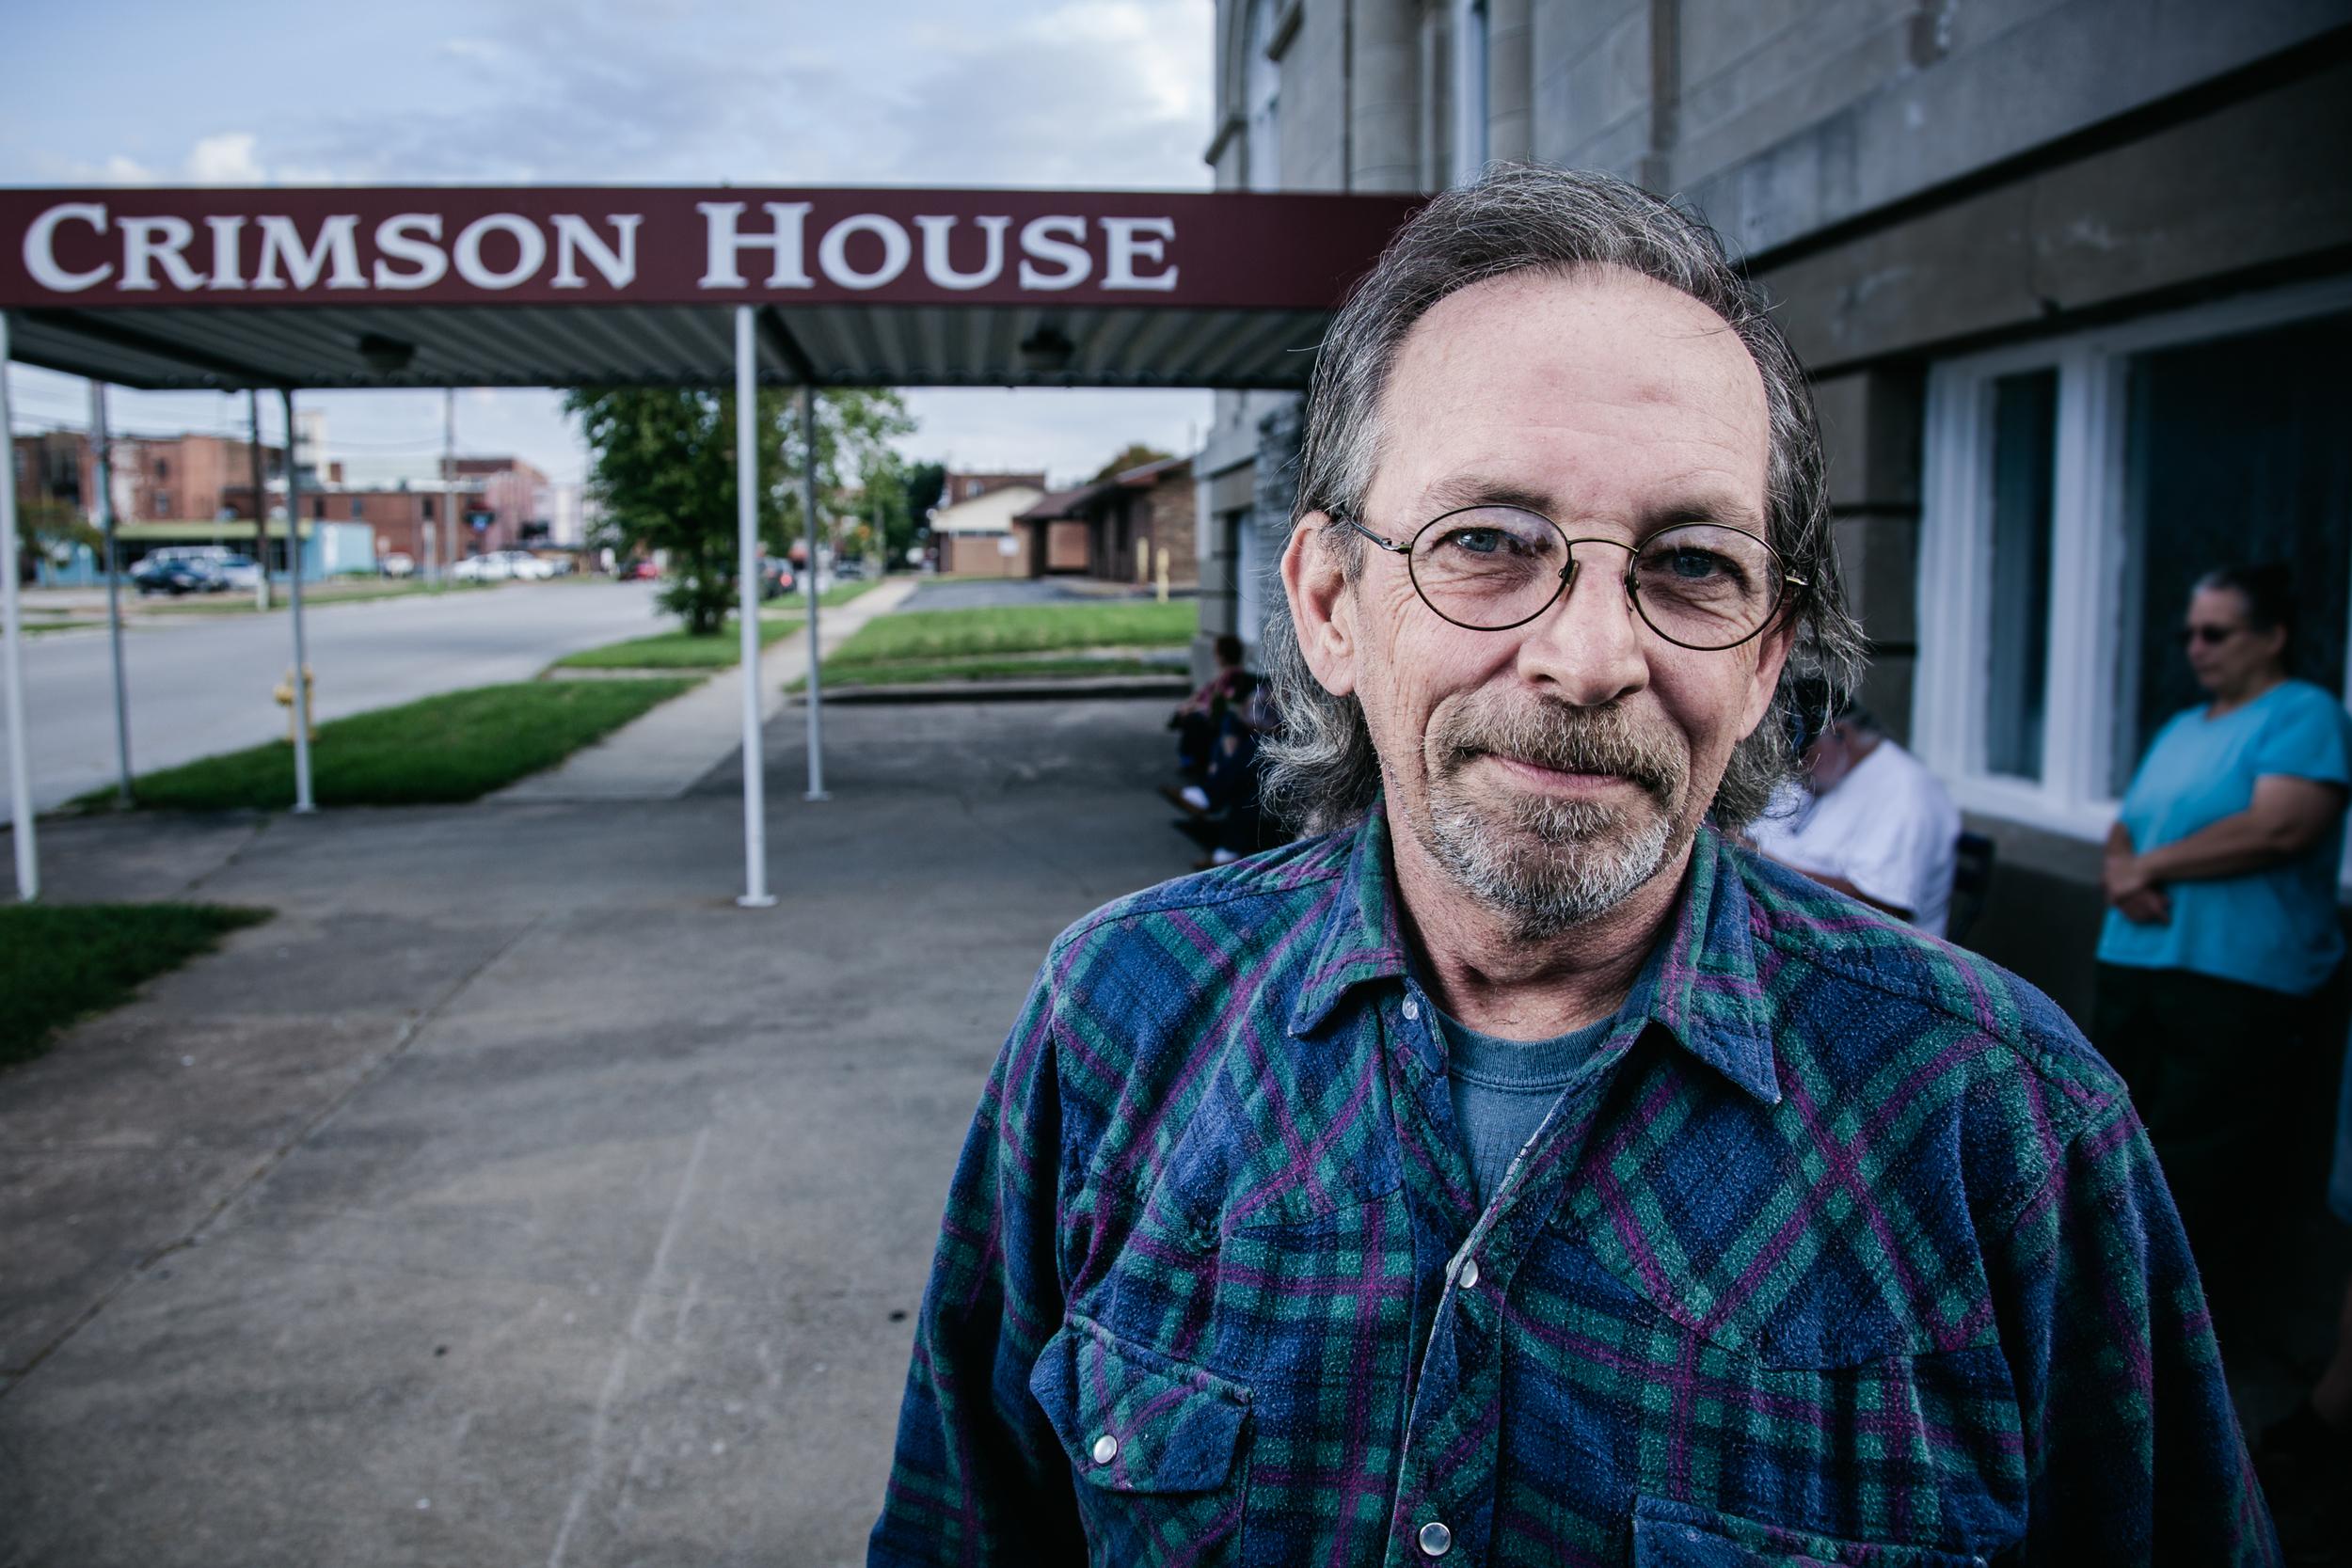 homeless depression hunger Crimson House